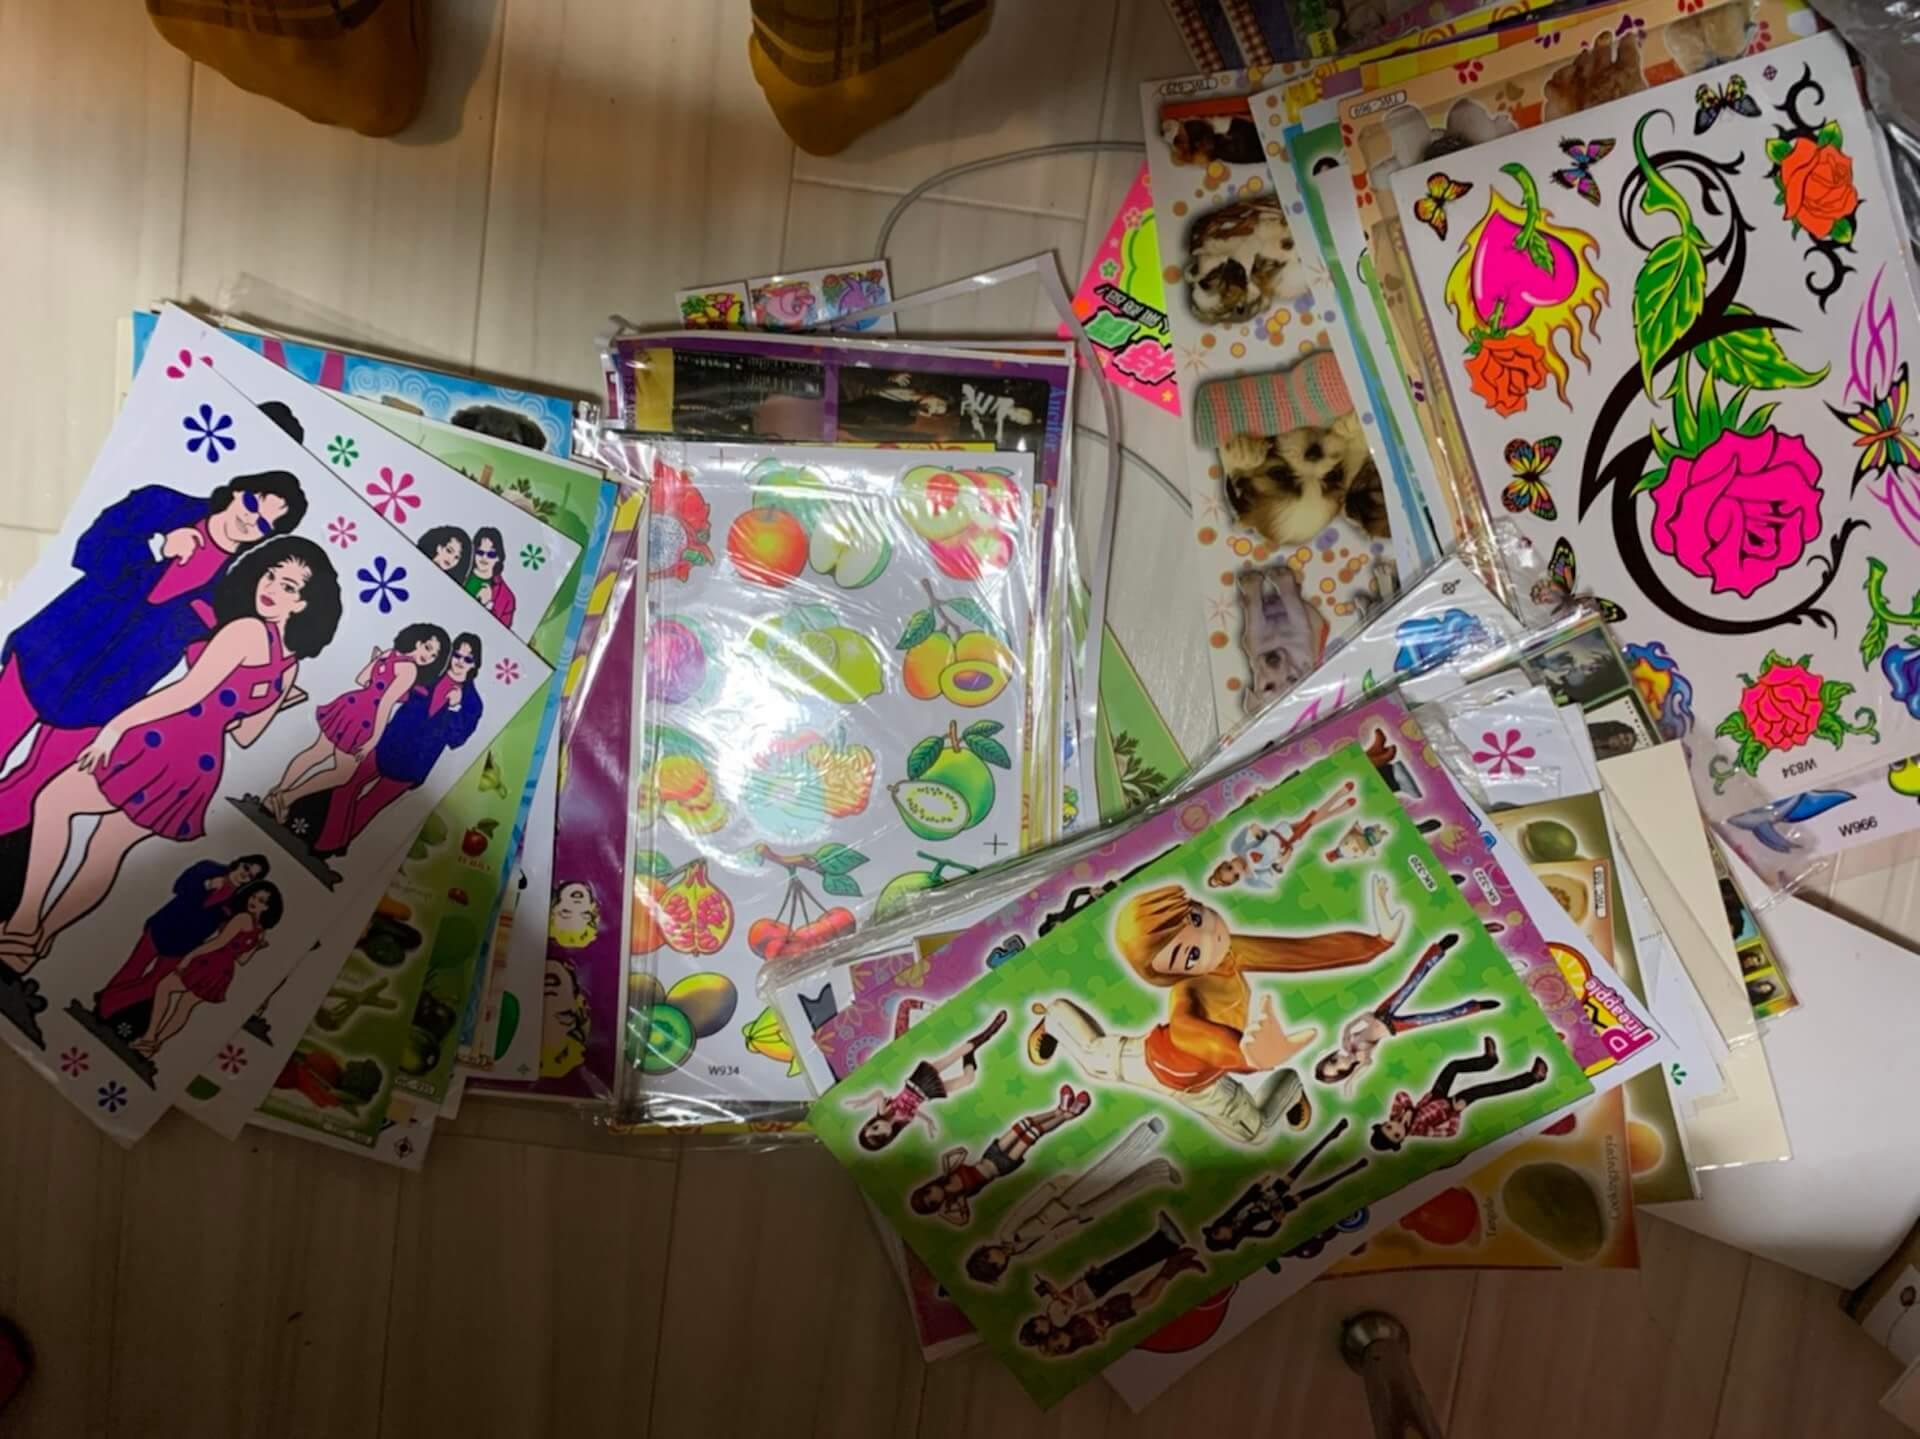 酒井いぶきとatmos pinkのコラボレーションアパレルが発売決定!アイテムデコレーションを楽しむ<ペタペタ会>も開催 Fashion_210712_ibuki-sakai8